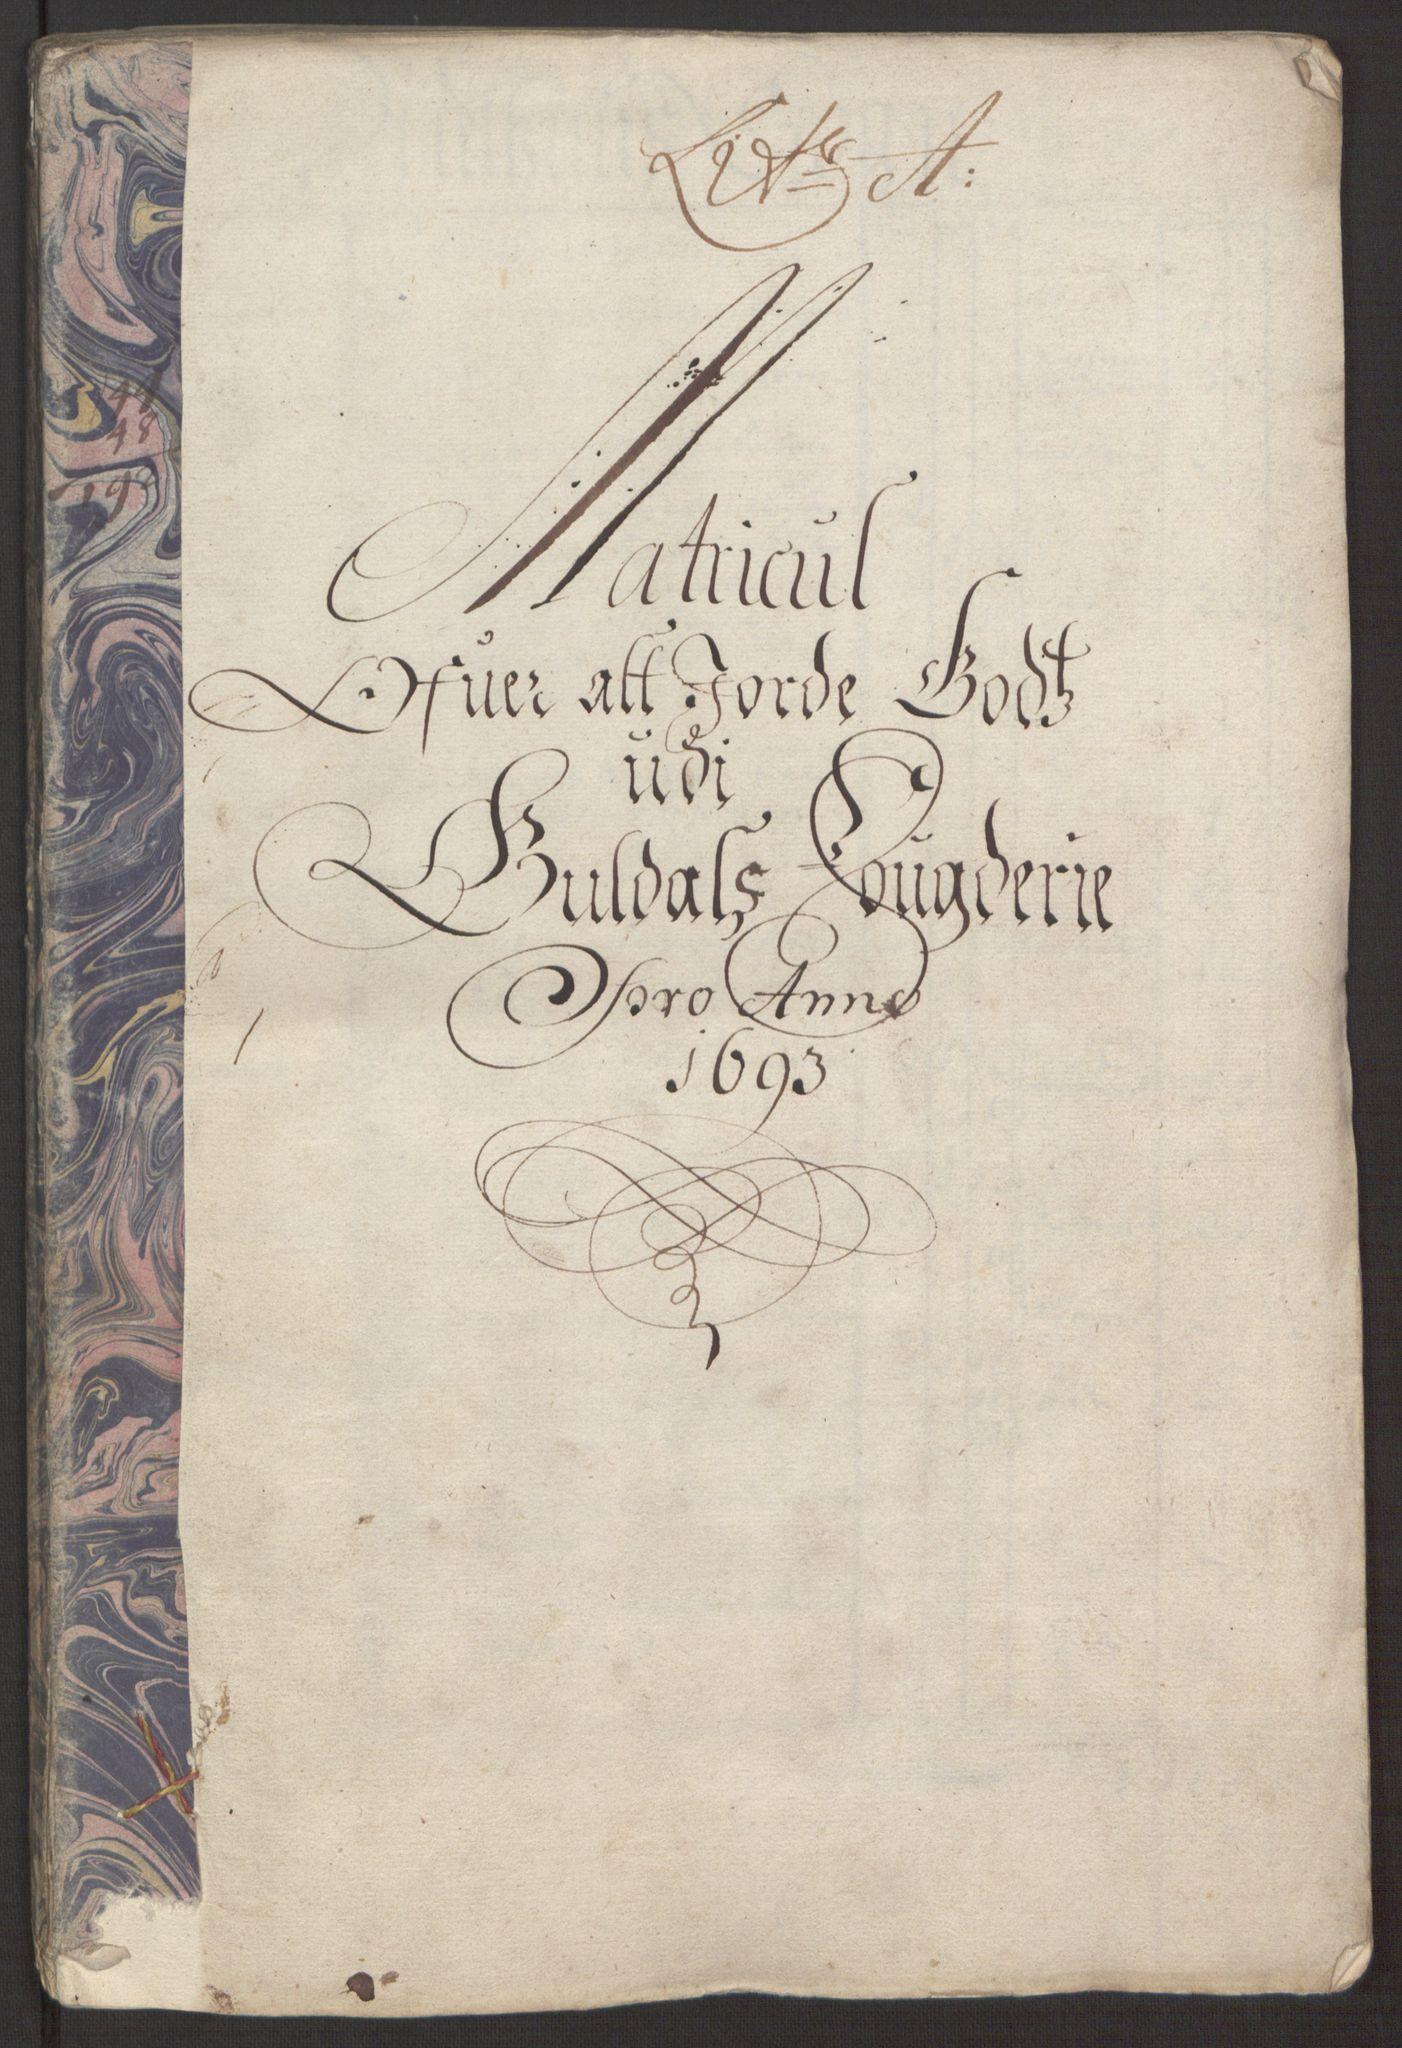 RA, Rentekammeret inntil 1814, Reviderte regnskaper, Fogderegnskap, R59/L3943: Fogderegnskap Gauldal, 1693, s. 34